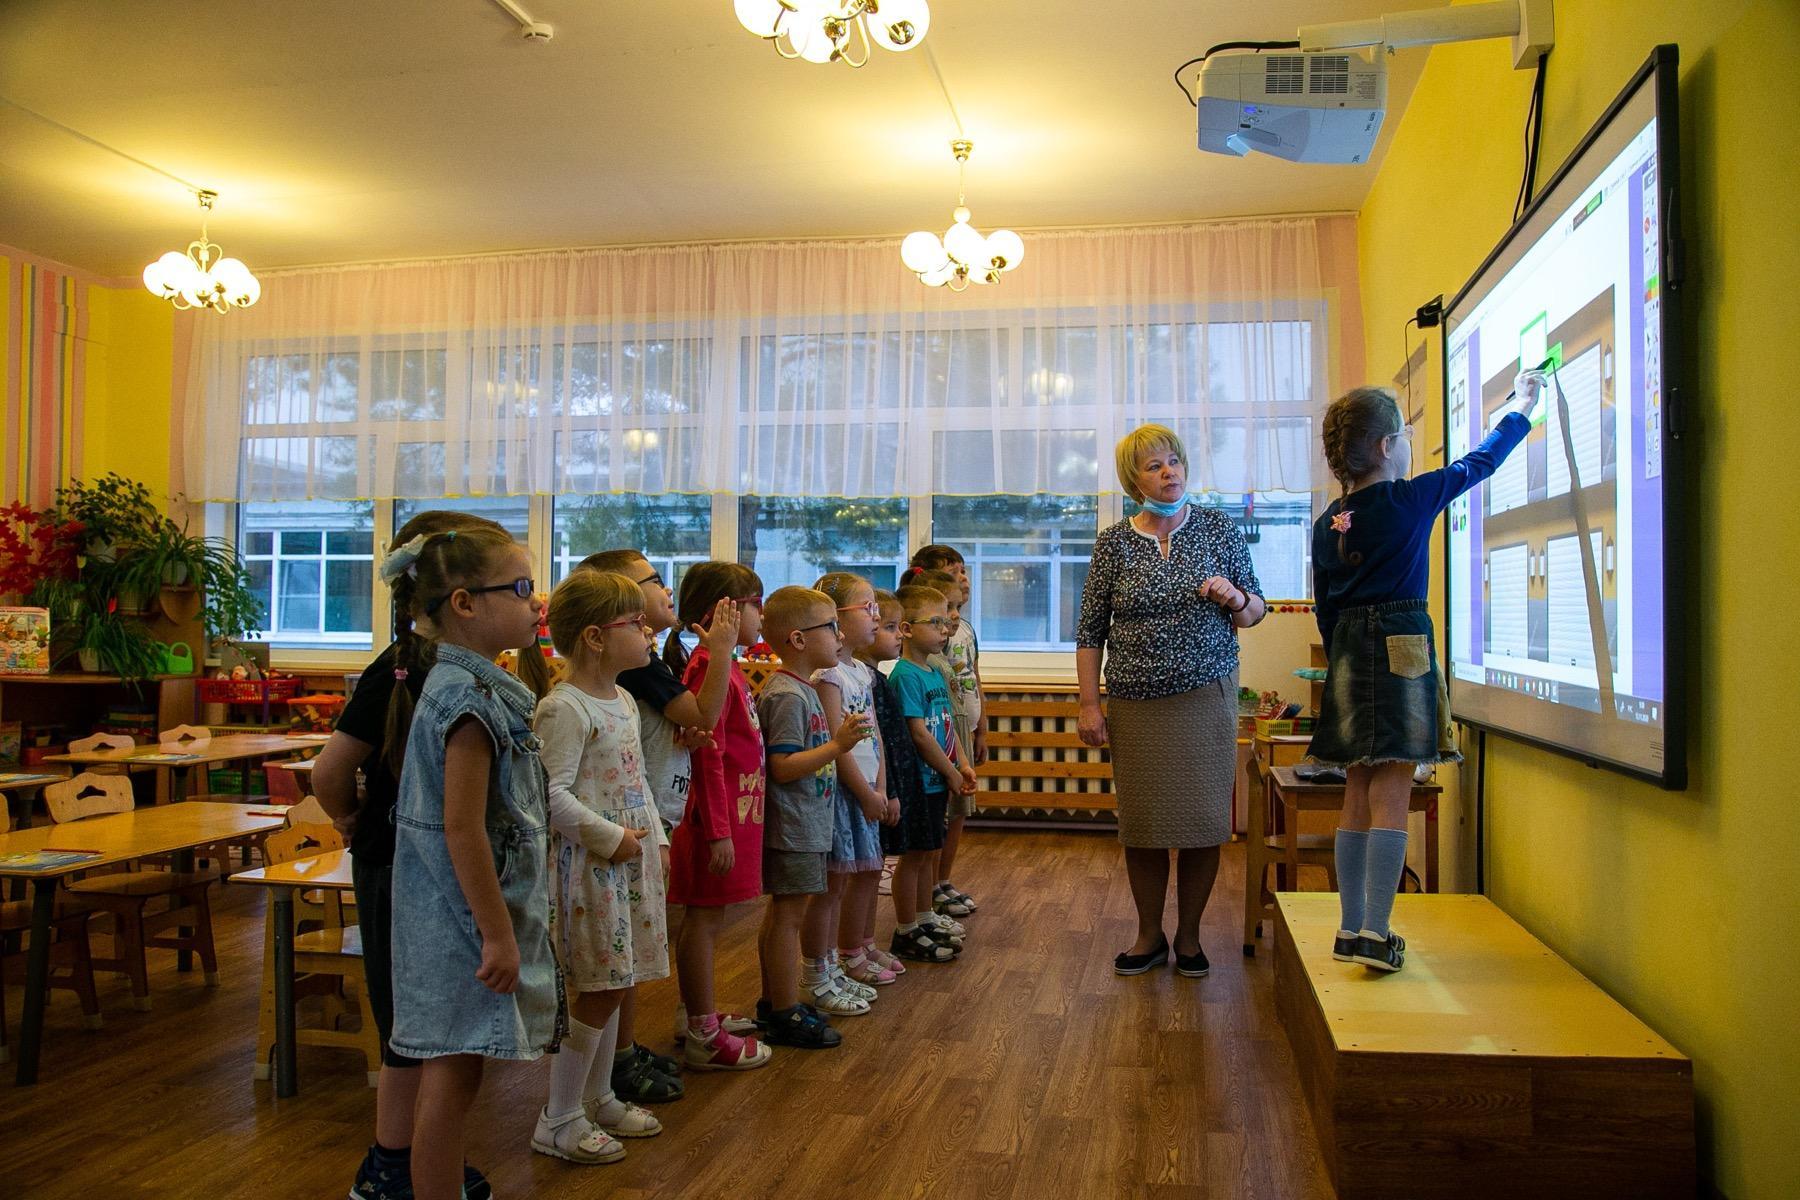 1605339233 ea6q0783 - Коломенский детский сад признан одним из лучших в России по инклюзивному образованию